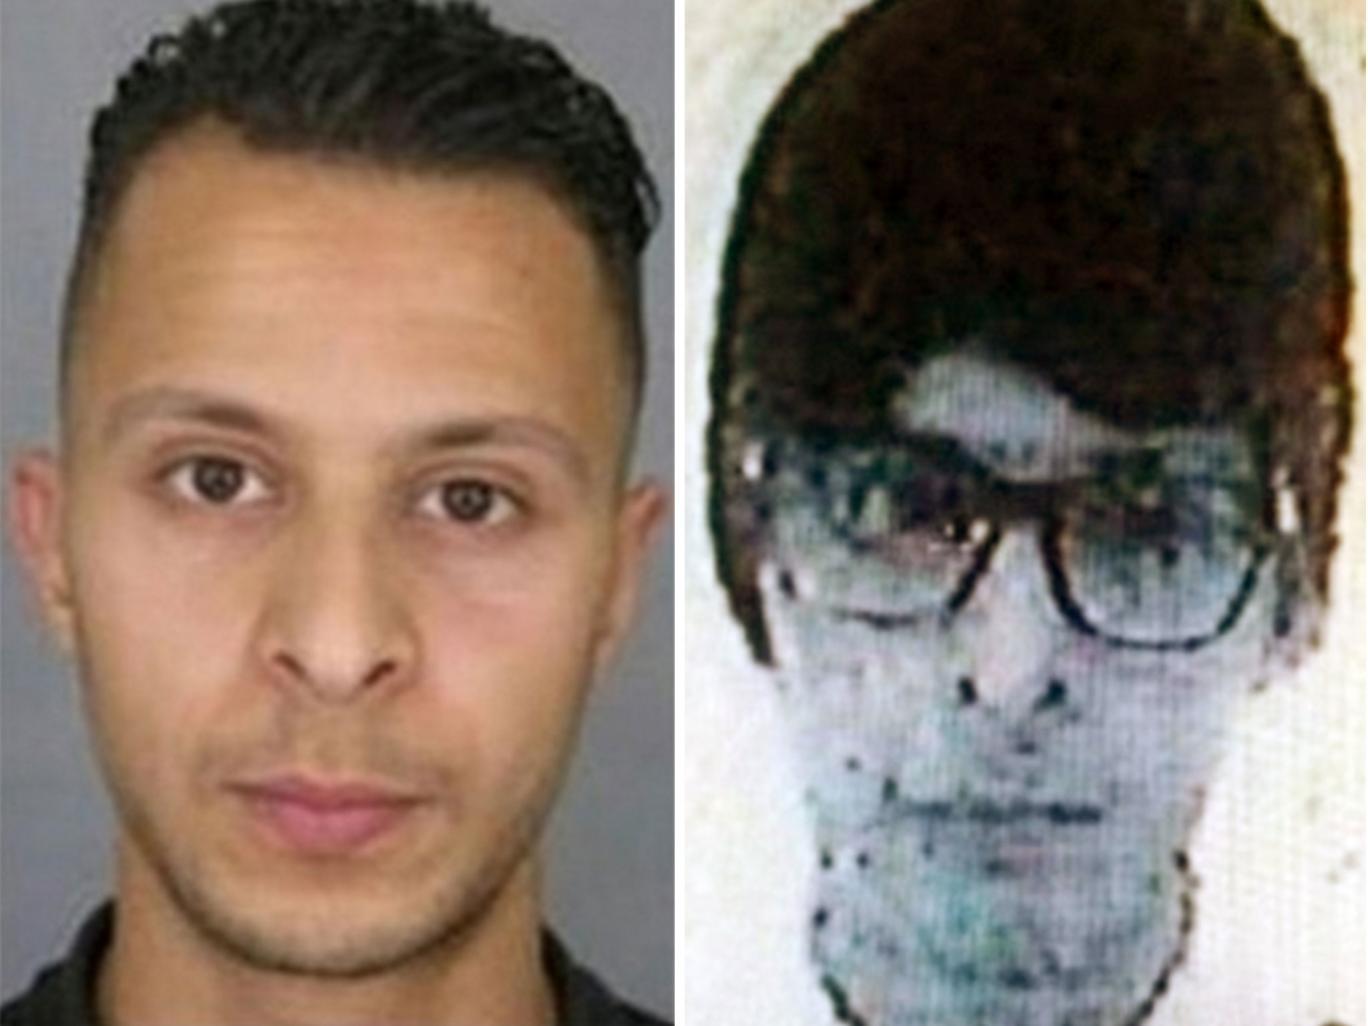 Il terrorista Abdeslam è fuggito in Siria